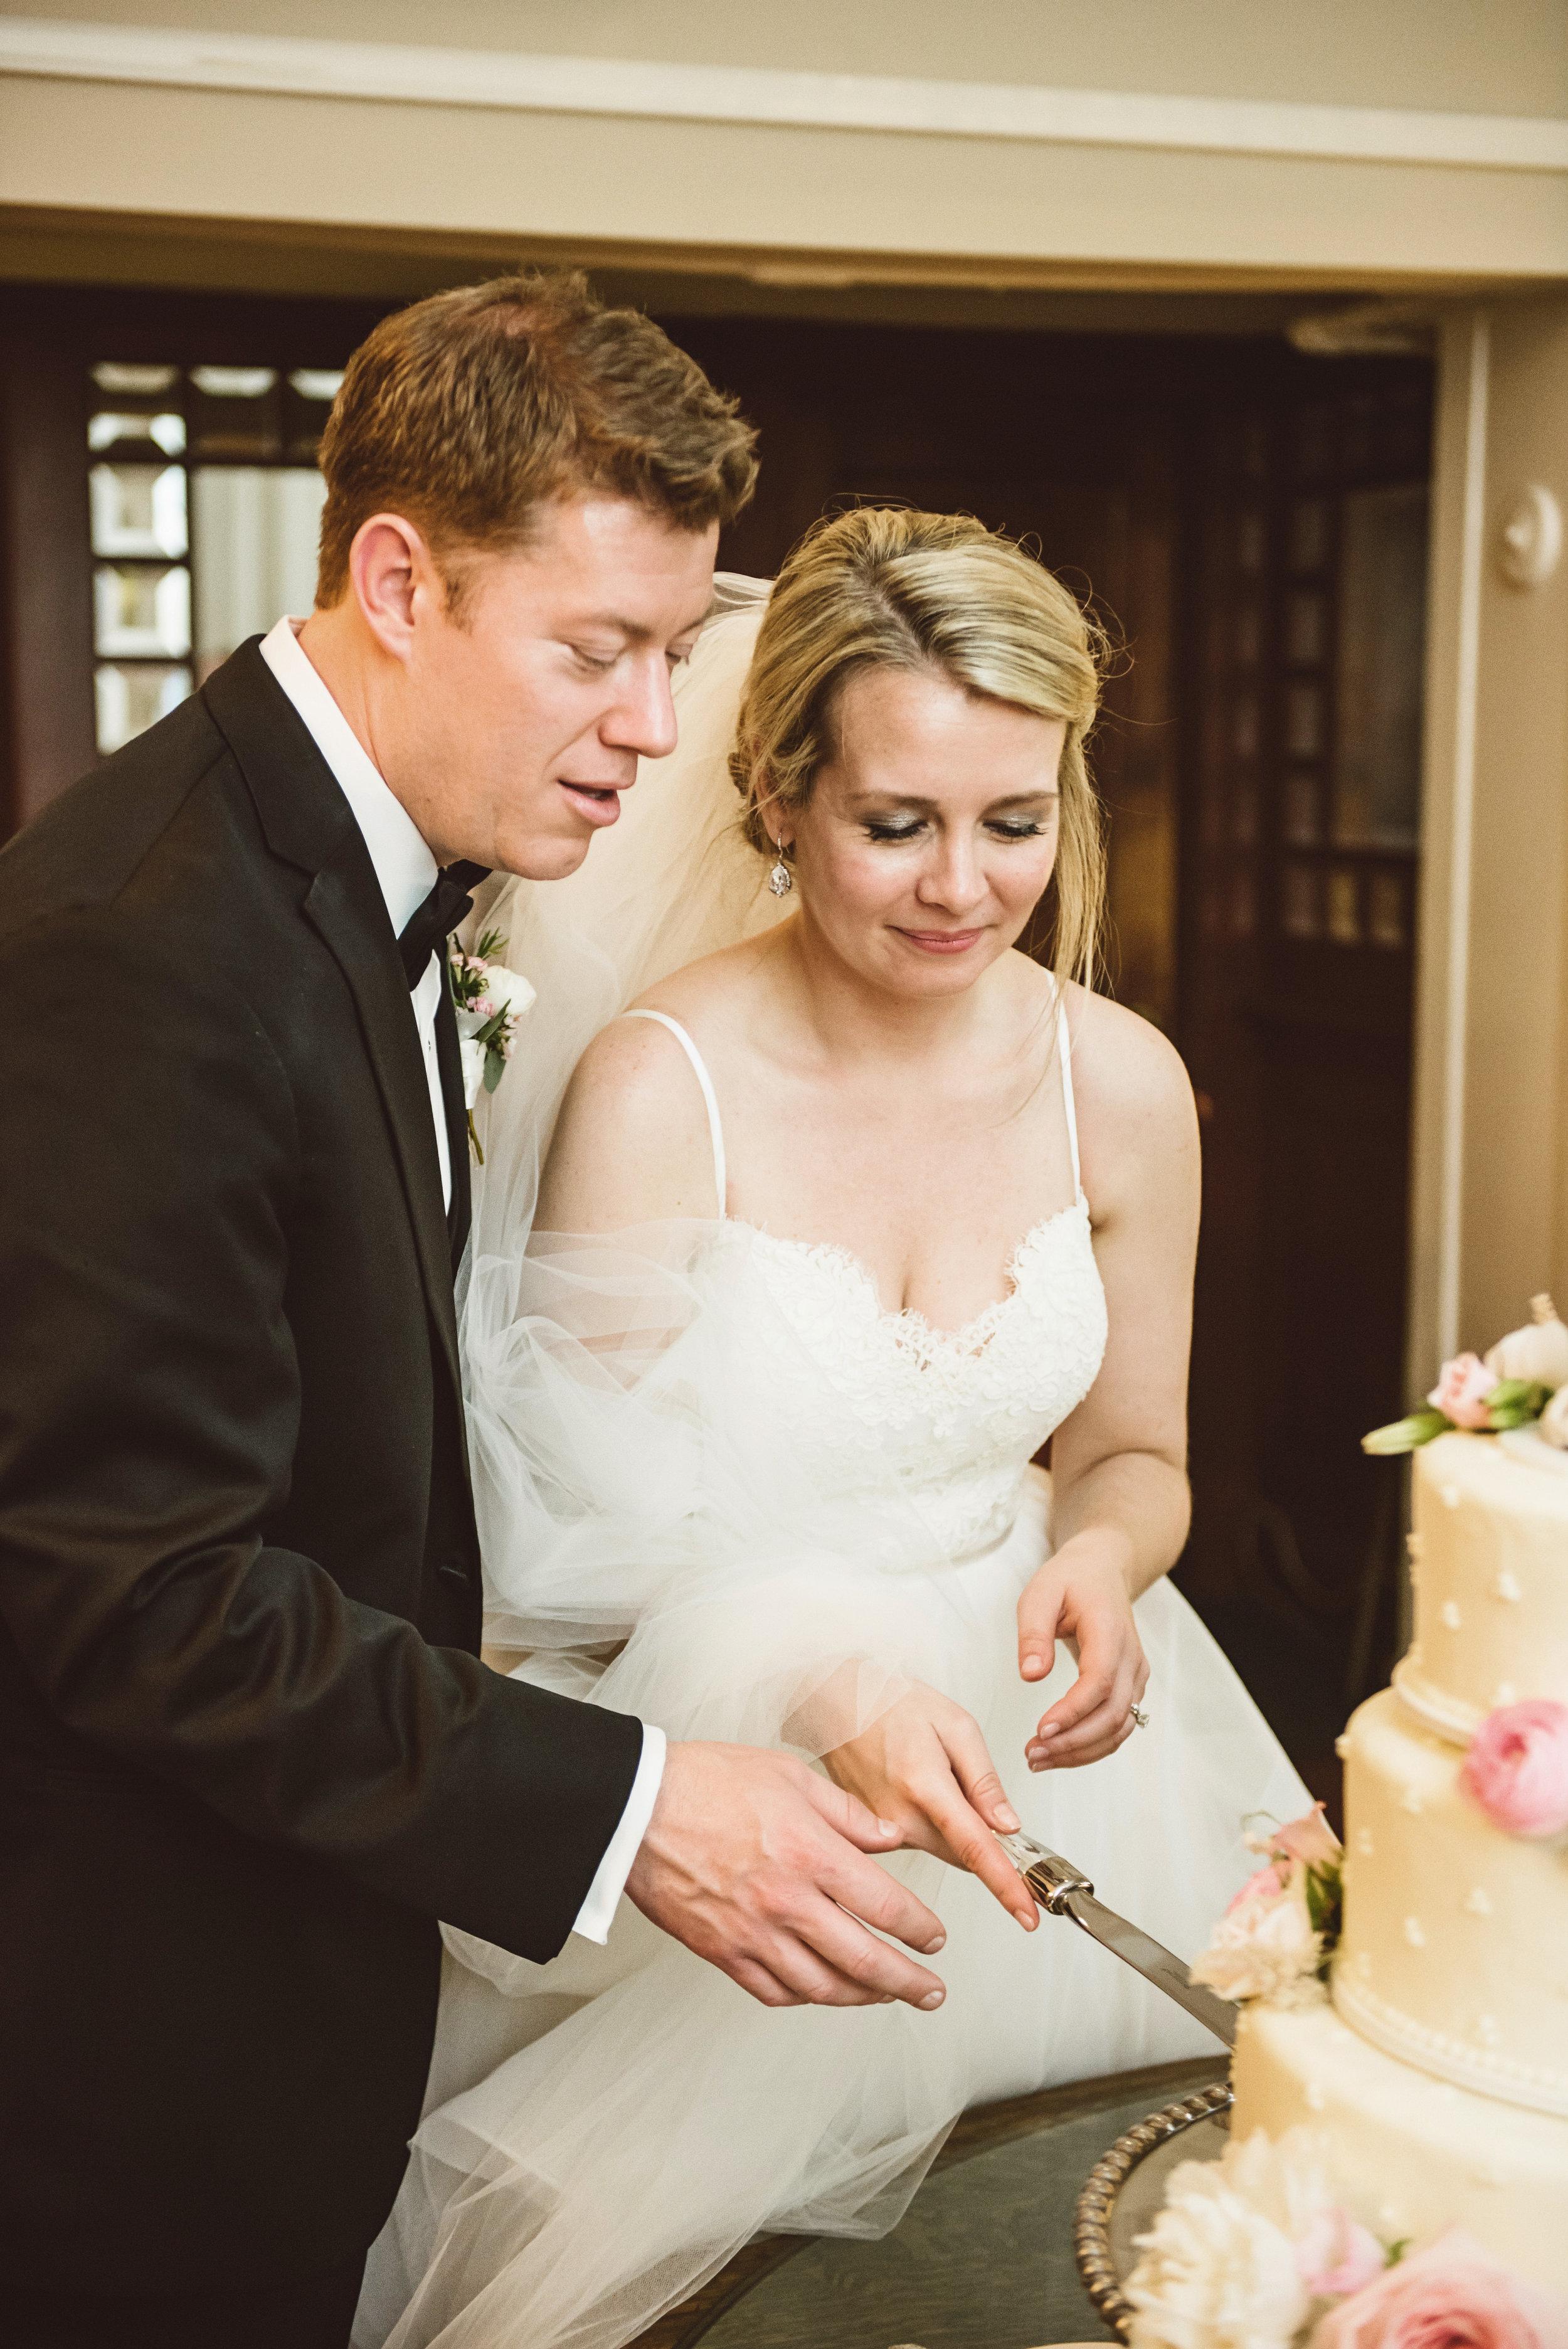 erin_ben_wedding_by_lucas_botz_476.jpg